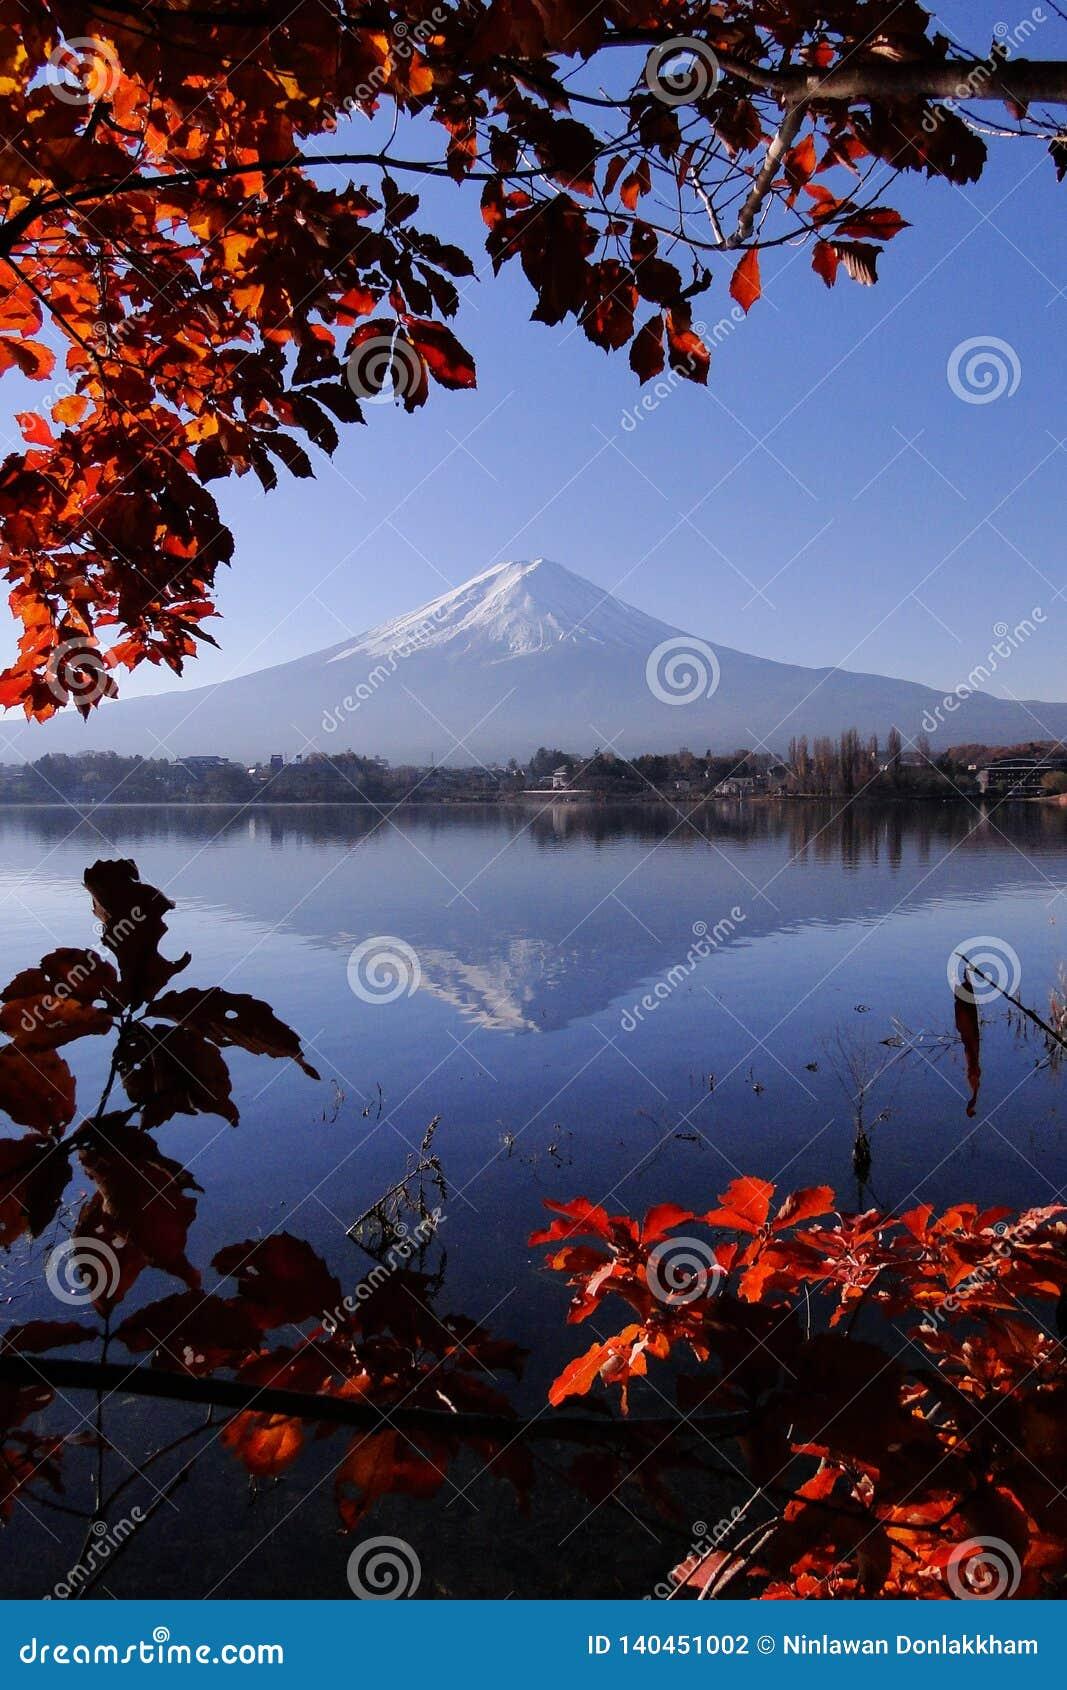 Iconique japonais du mont Fuji en automne